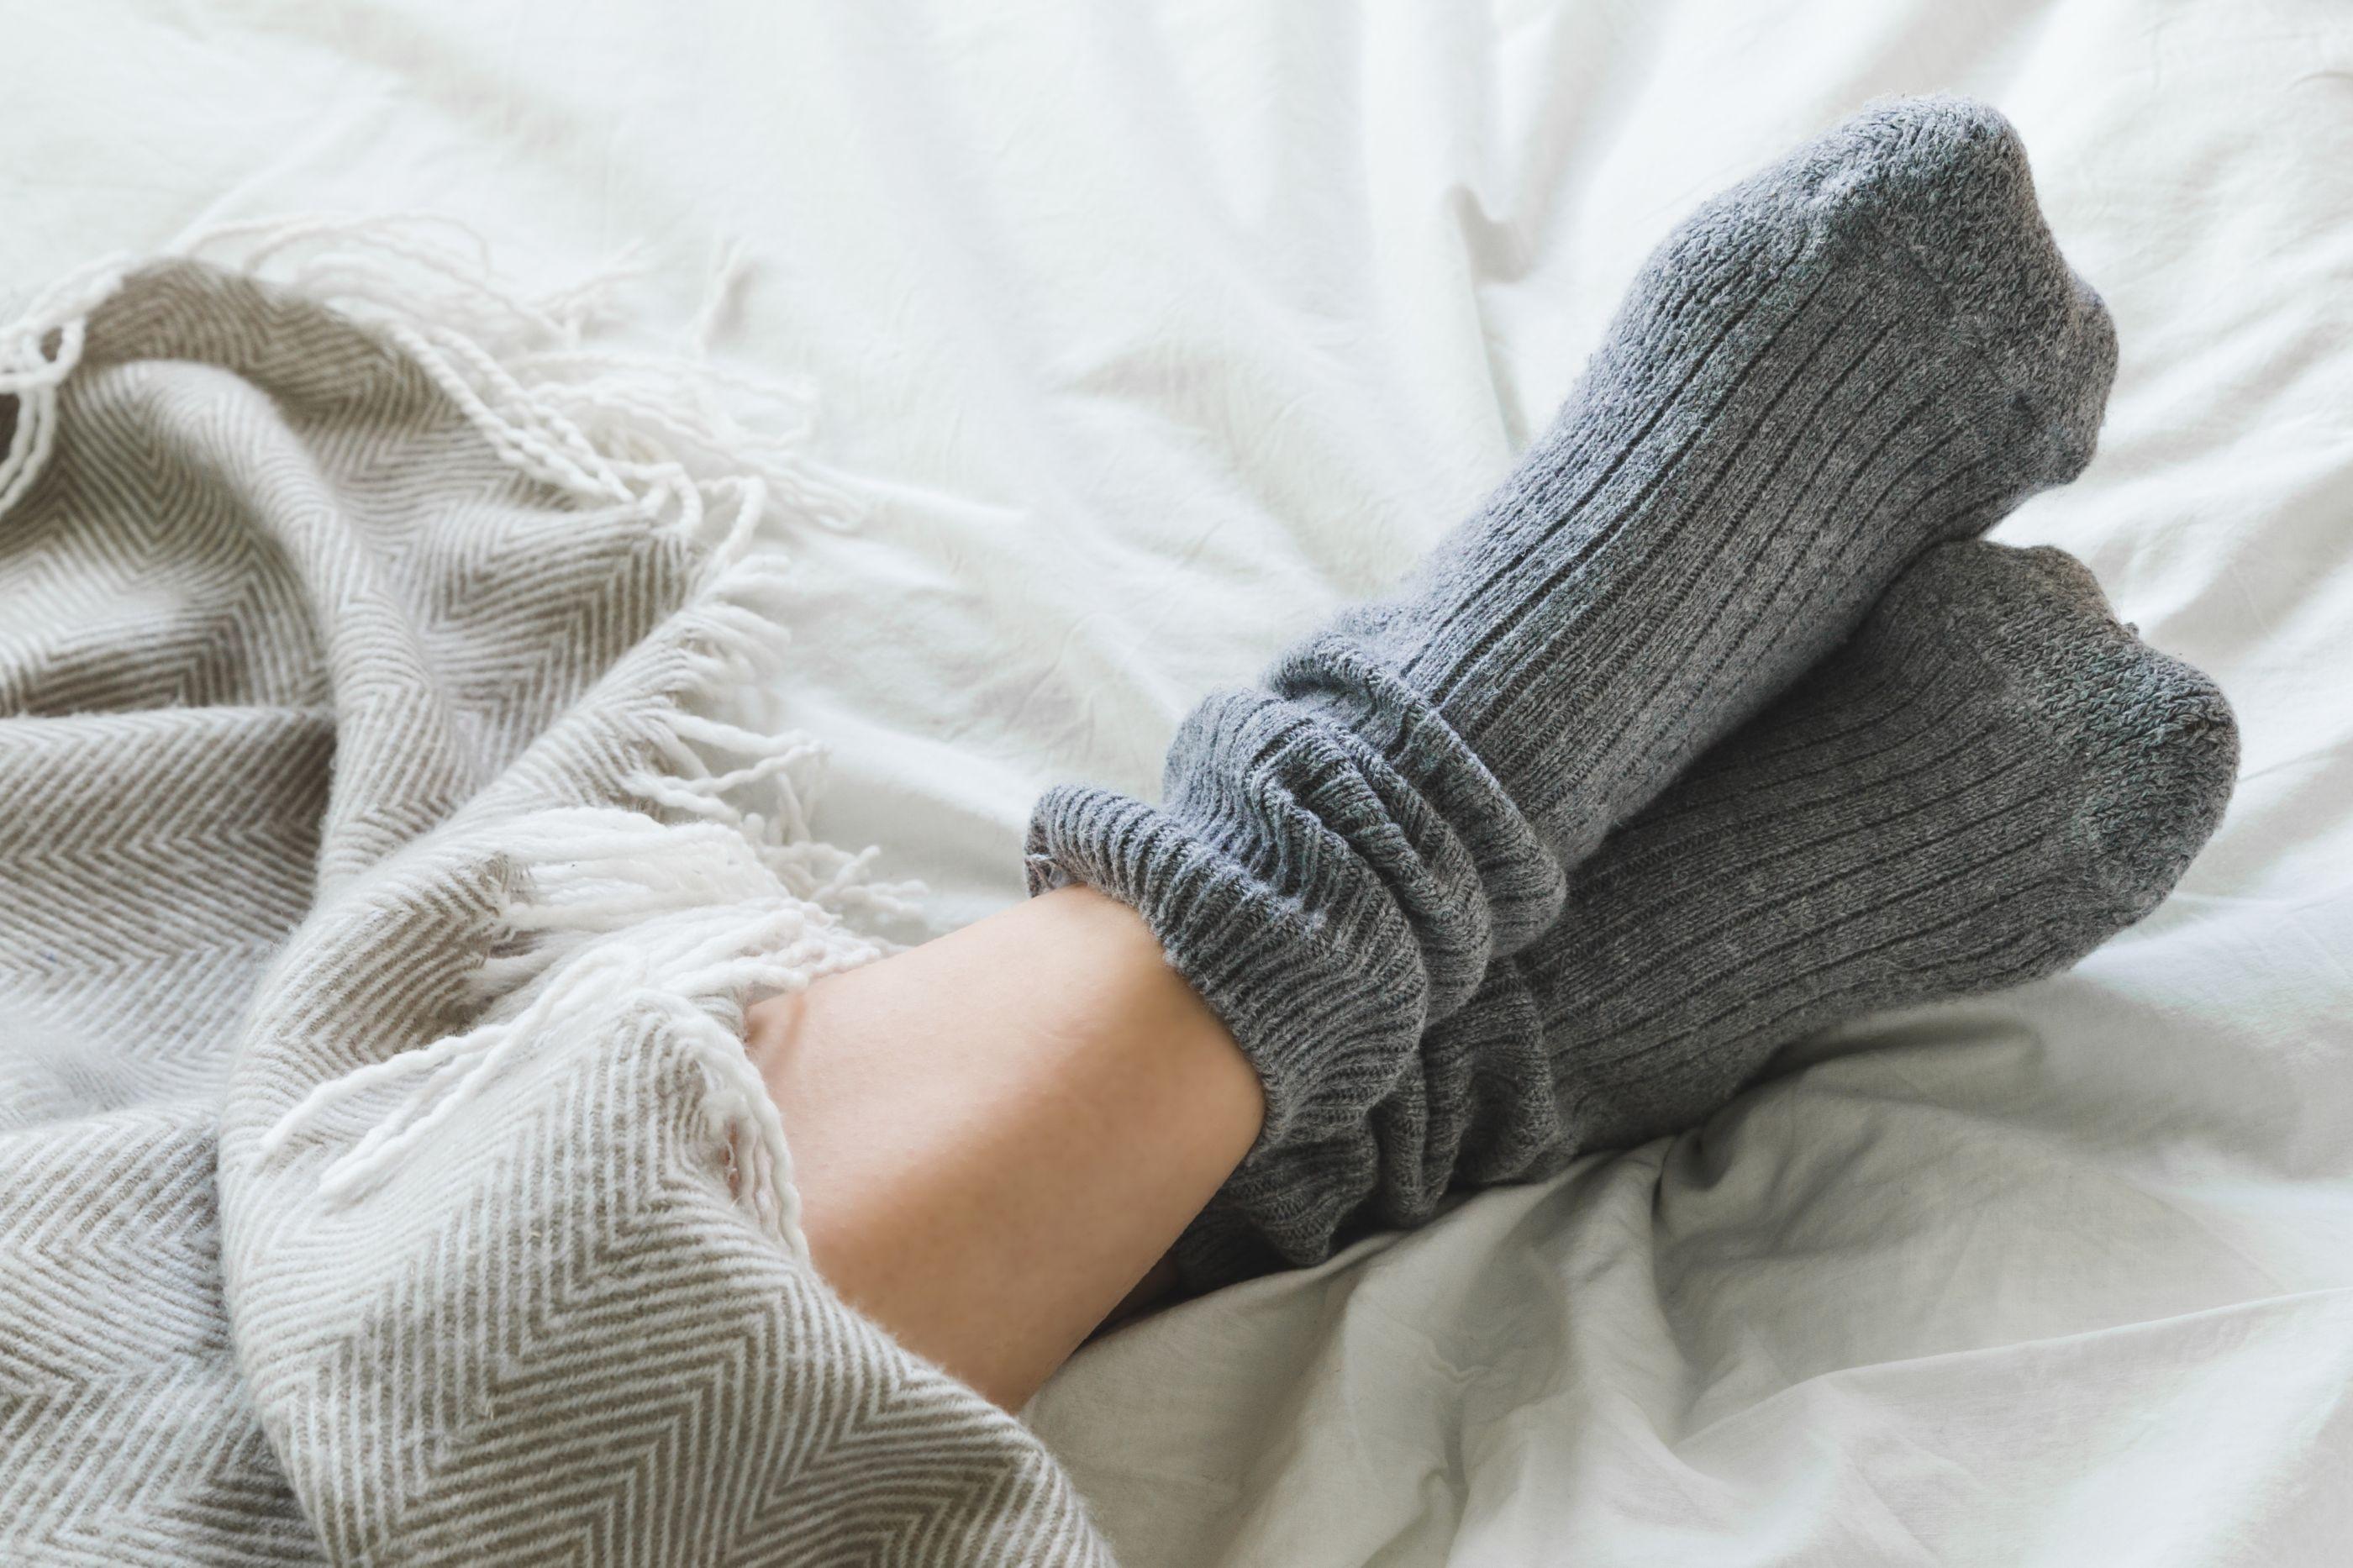 Dormir com meias, sim ou não? A questão mantém-se em aberto na ciência